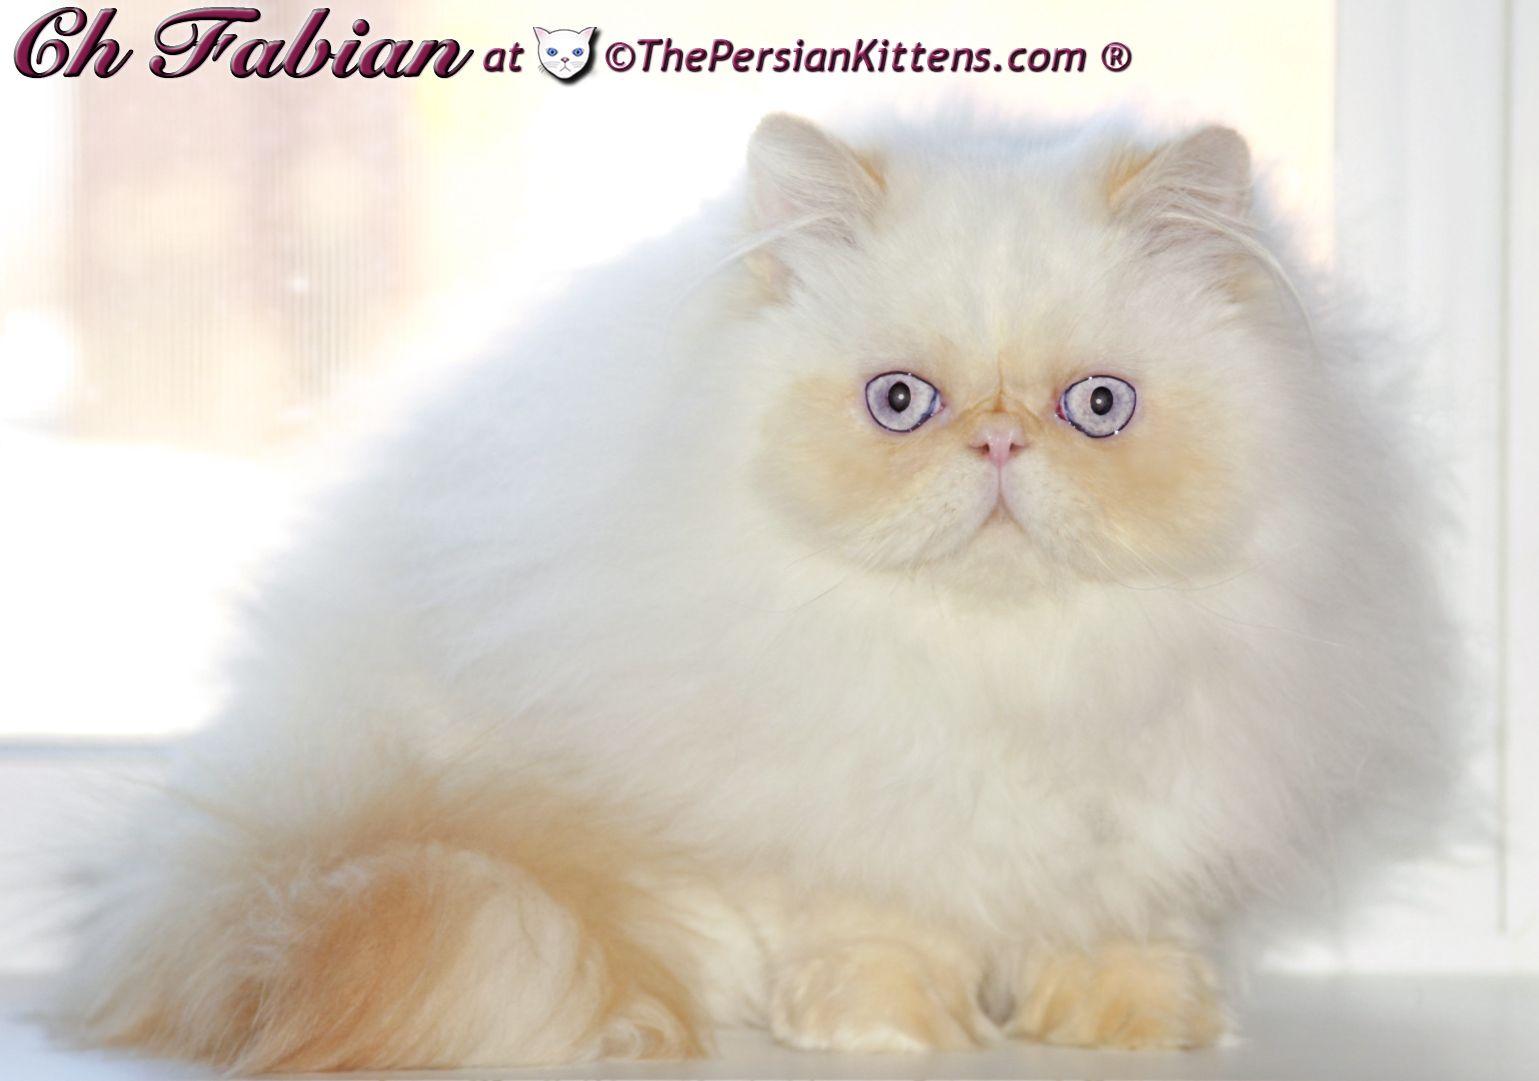 Persian Kittens Fabian1l Jpg Jpeg Image 1539x1081 Pixels Scaled 61 Persian Kittens Himalayan Cat Himalayan Kitten